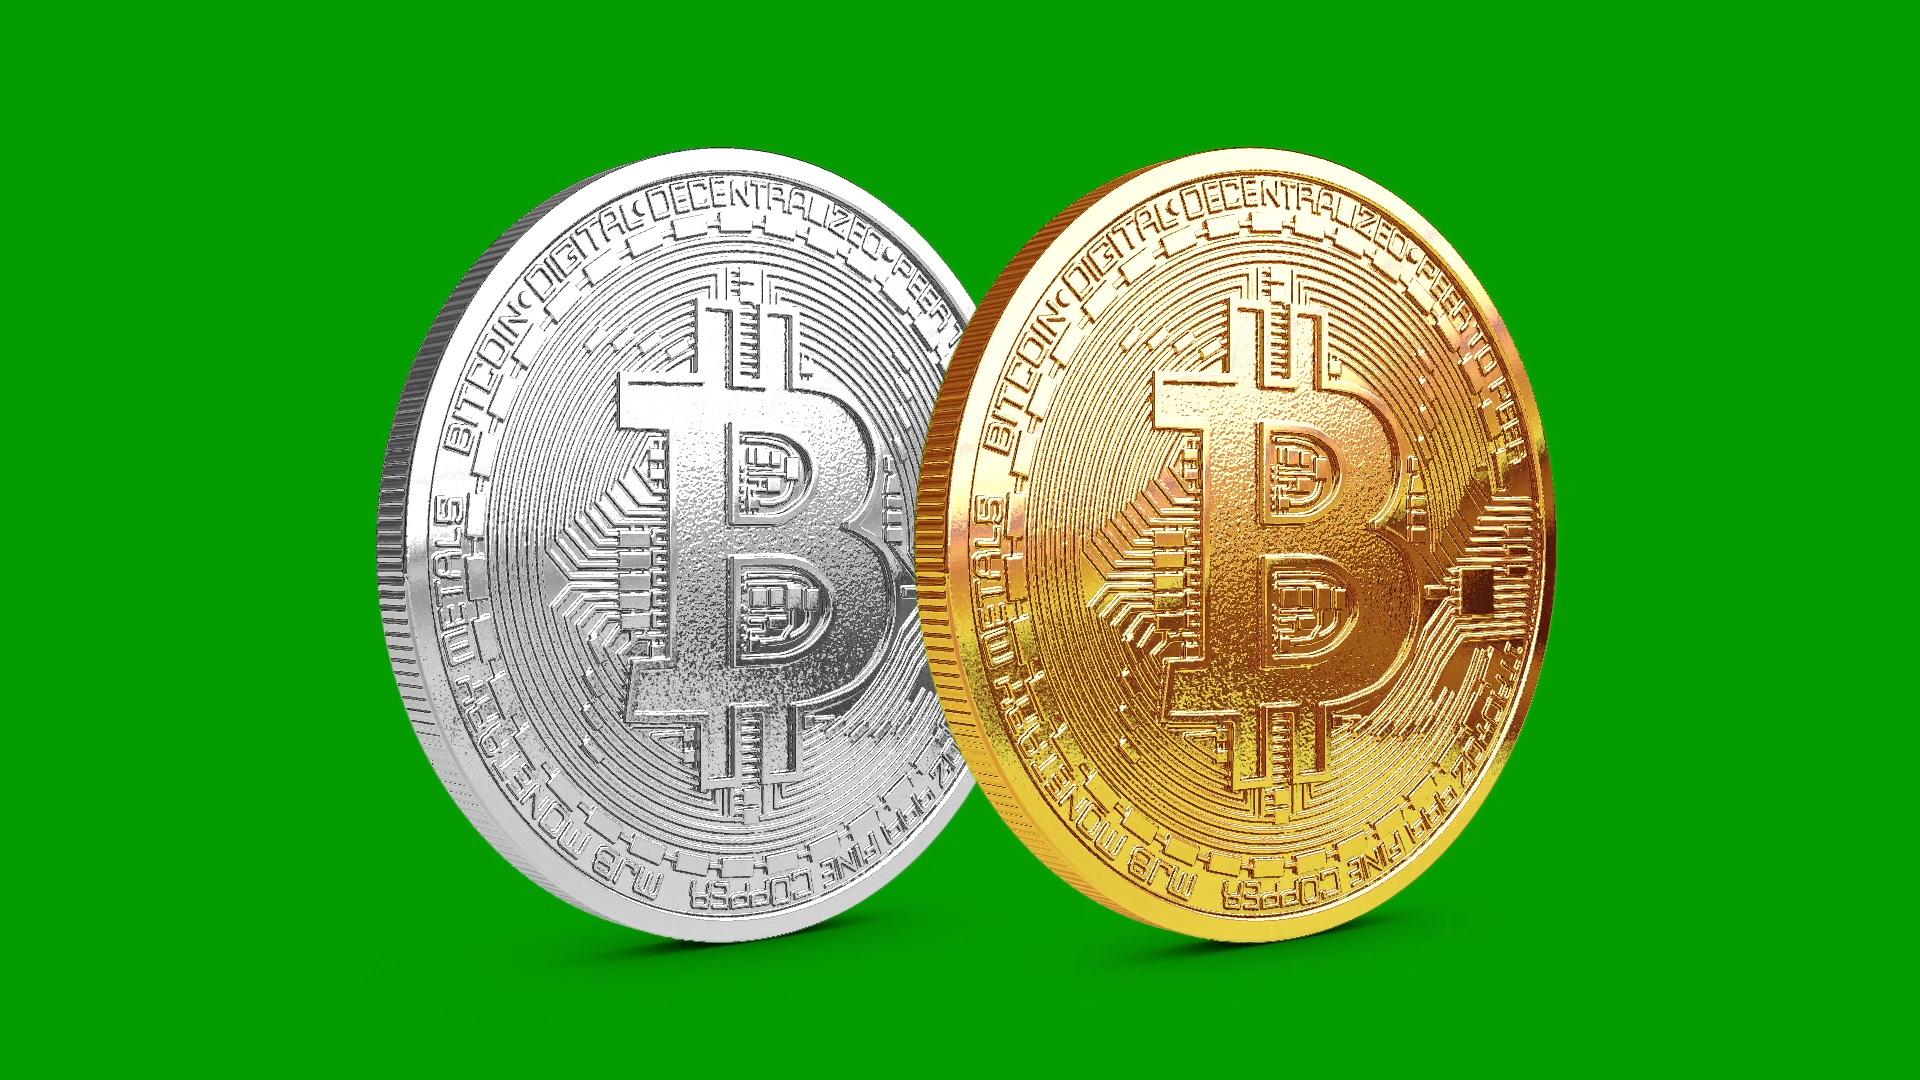 Bitcoin quantity 4d number - Bitcoin logo psd download link